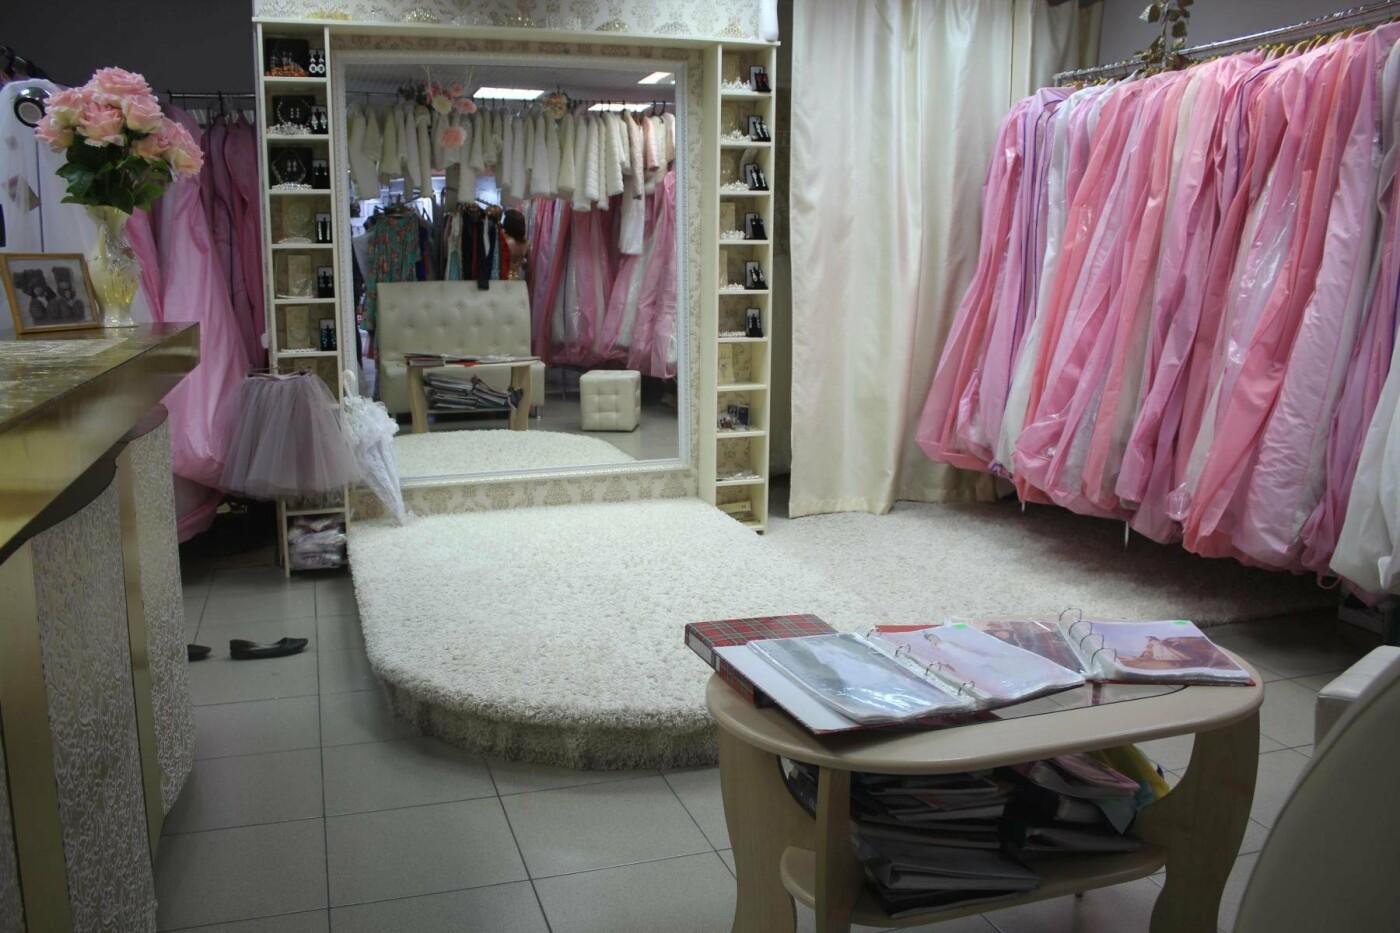 Выбираем платье мечты. Семь важных советов для будущей невесты, фото-8